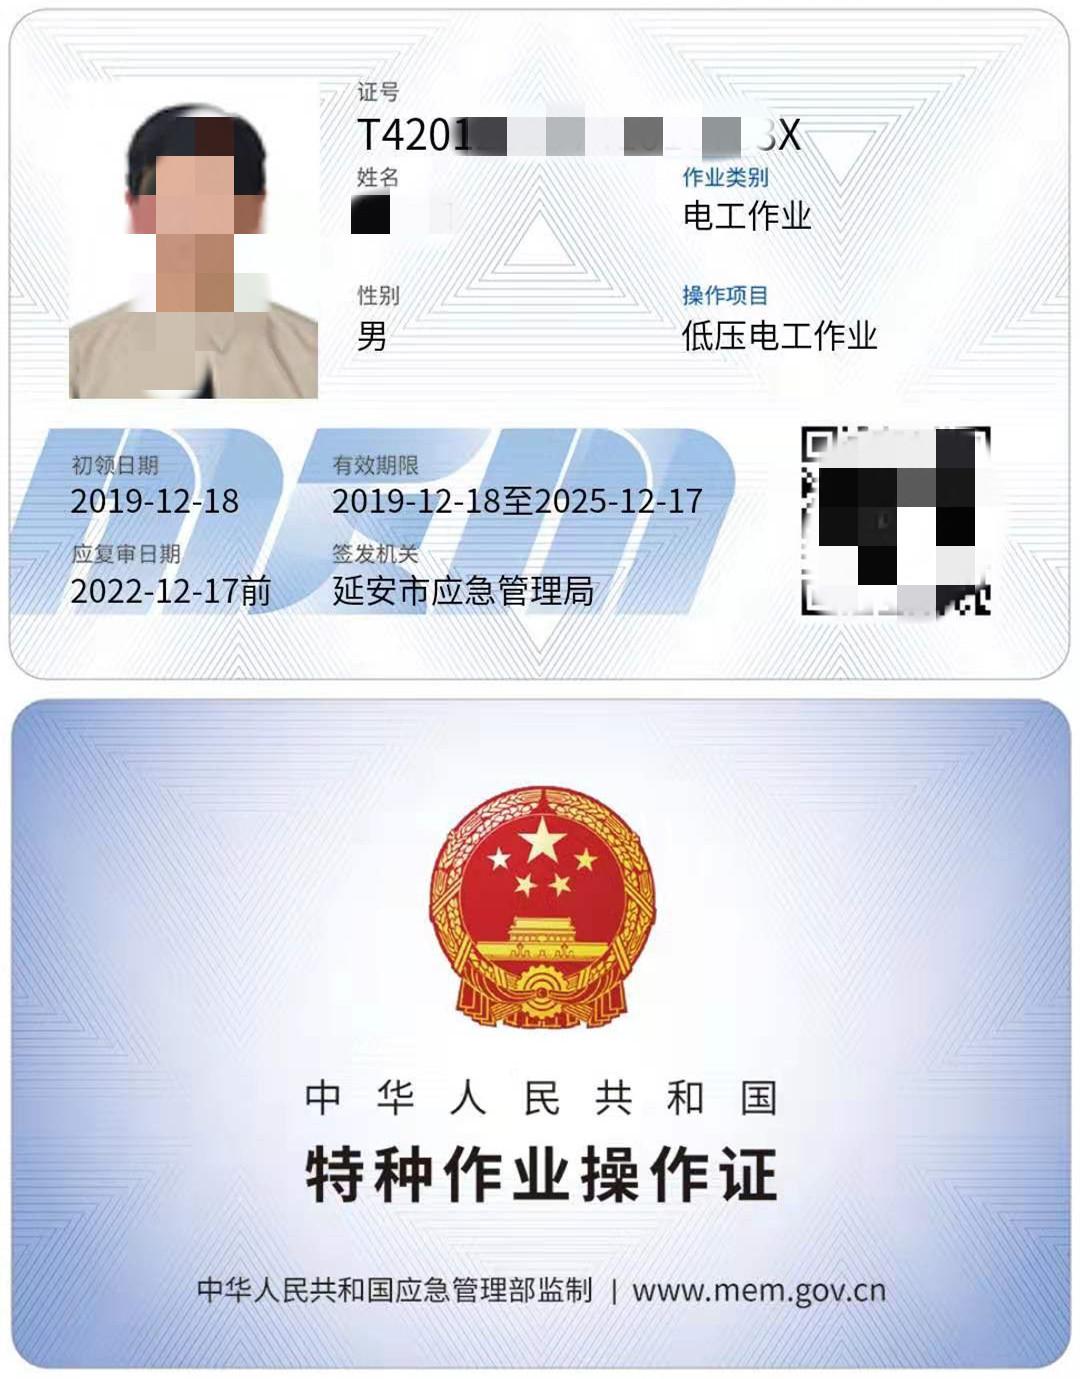 2021年特种作业操作证(应急管理厅,质监局,建设厅)三家区别到底在哪里?报名考试详细介绍